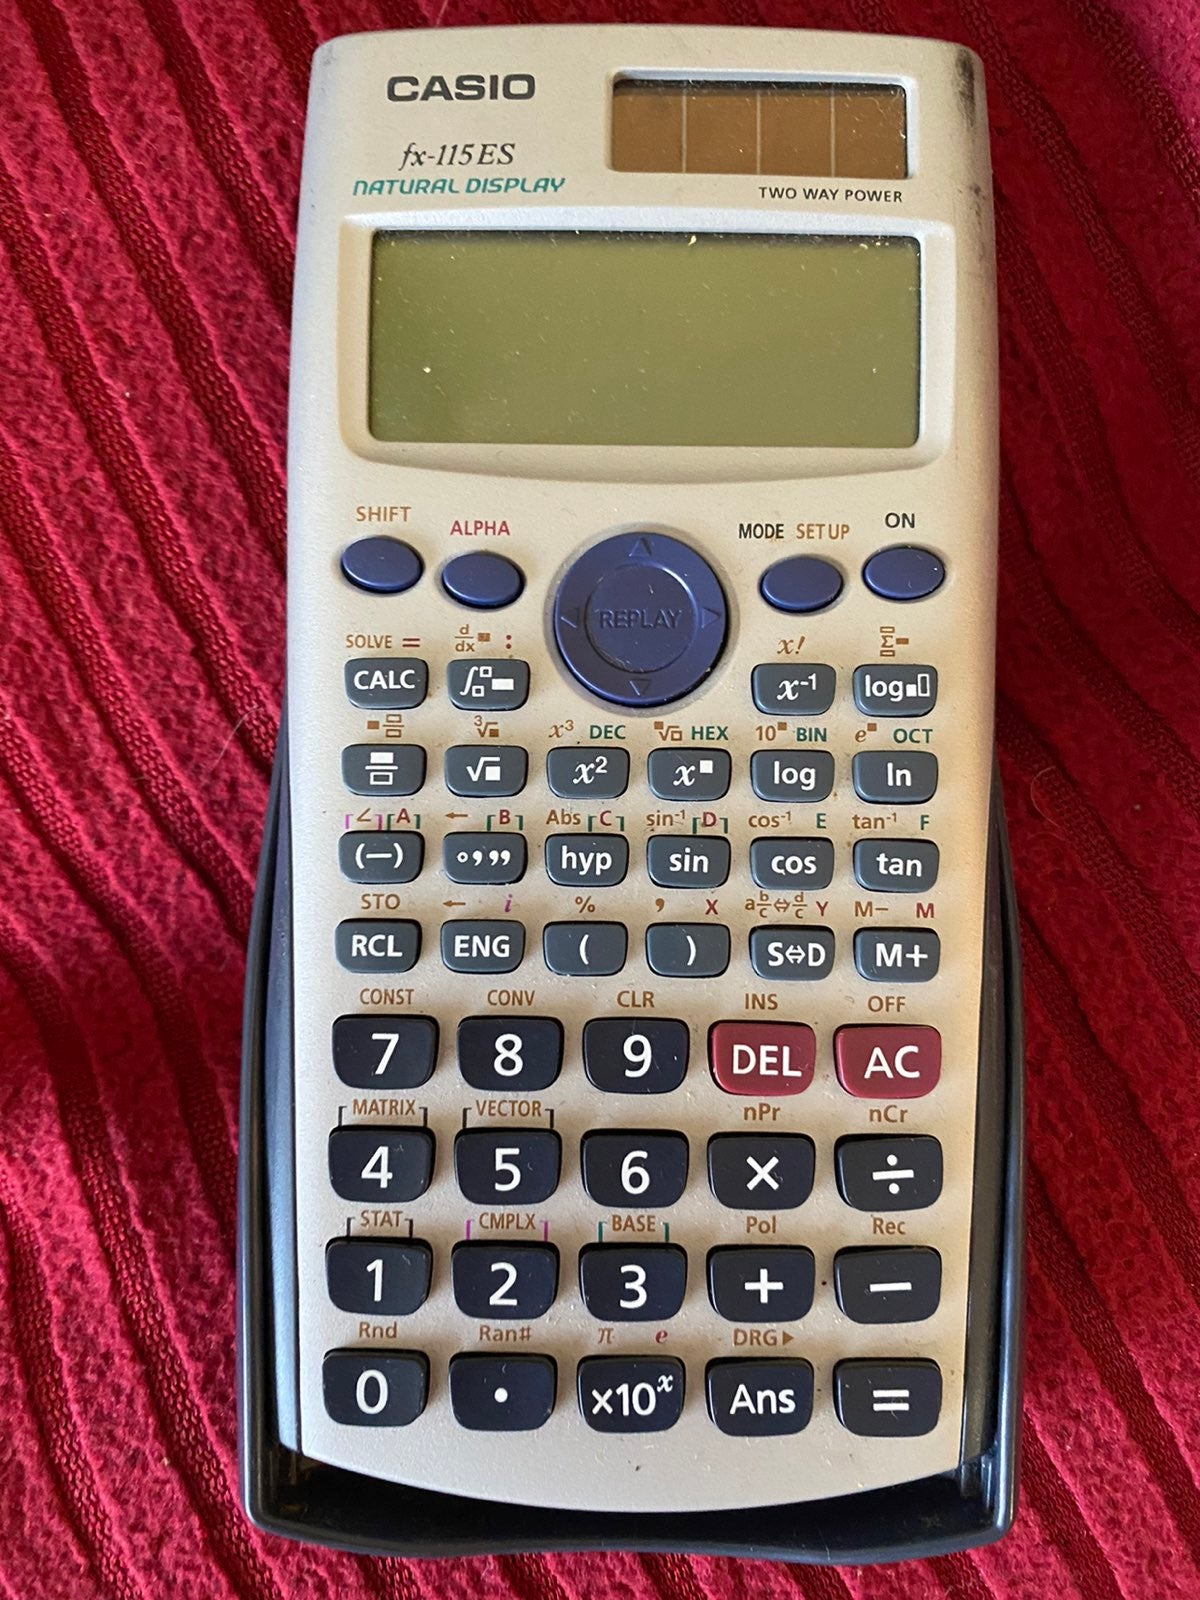 Casio fx 115 ES calculator